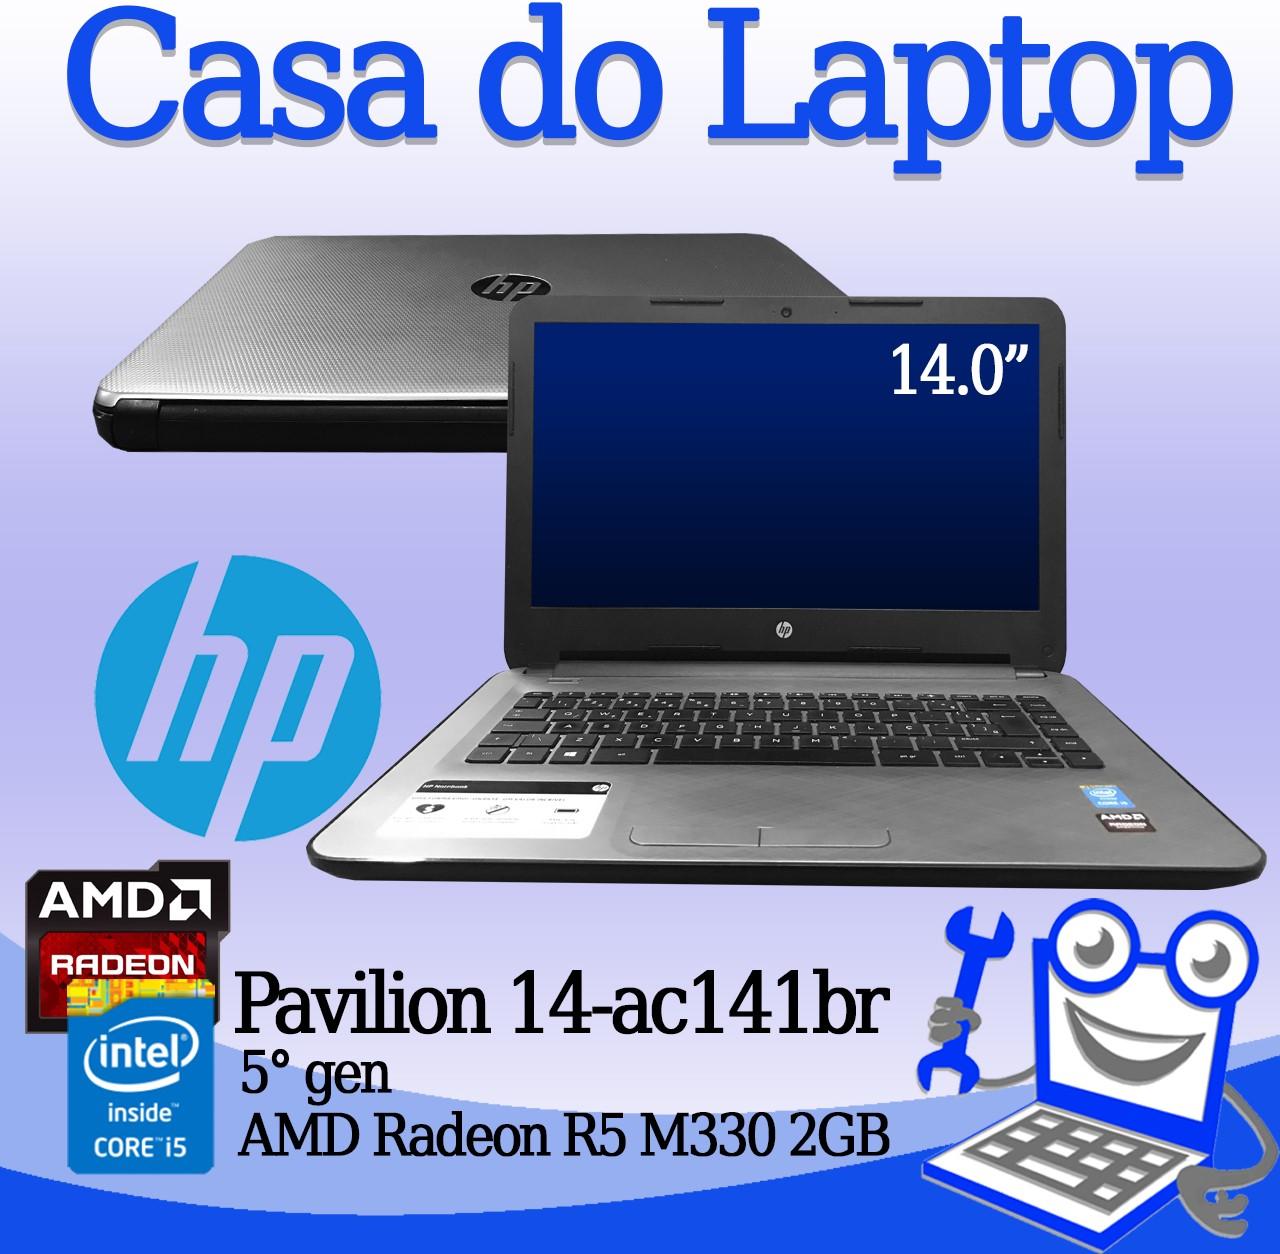 Laptop HP Pavillion 14-ac141br Intel i5 5a. Geração 8GB de memória RAM, 120GB SSD e 2GB de vídeo dedicado Radeon R5 M330